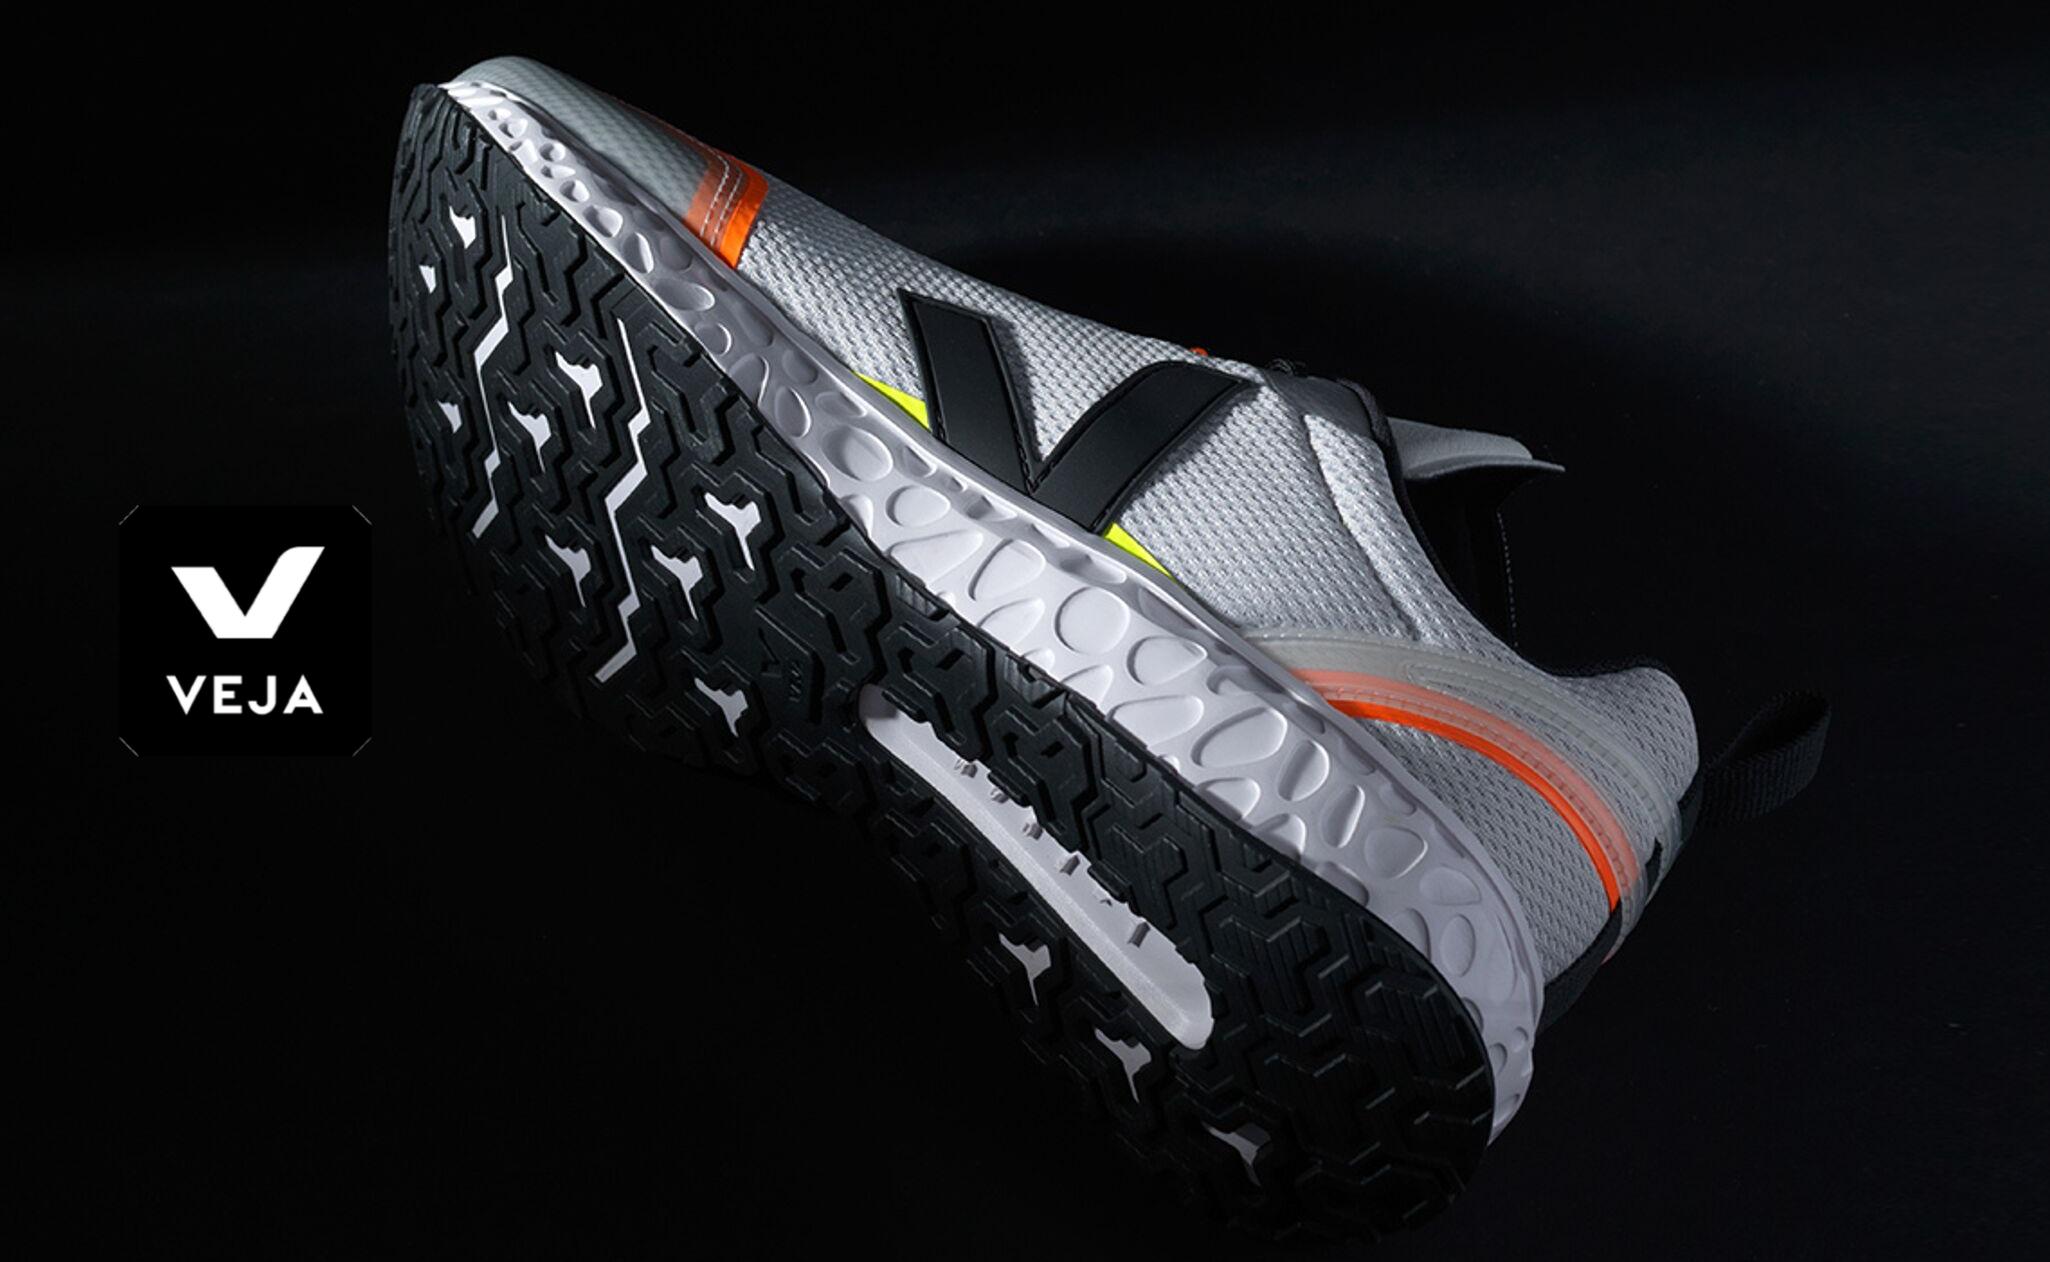 COndor, La nouvelle chaussure de running de Veja